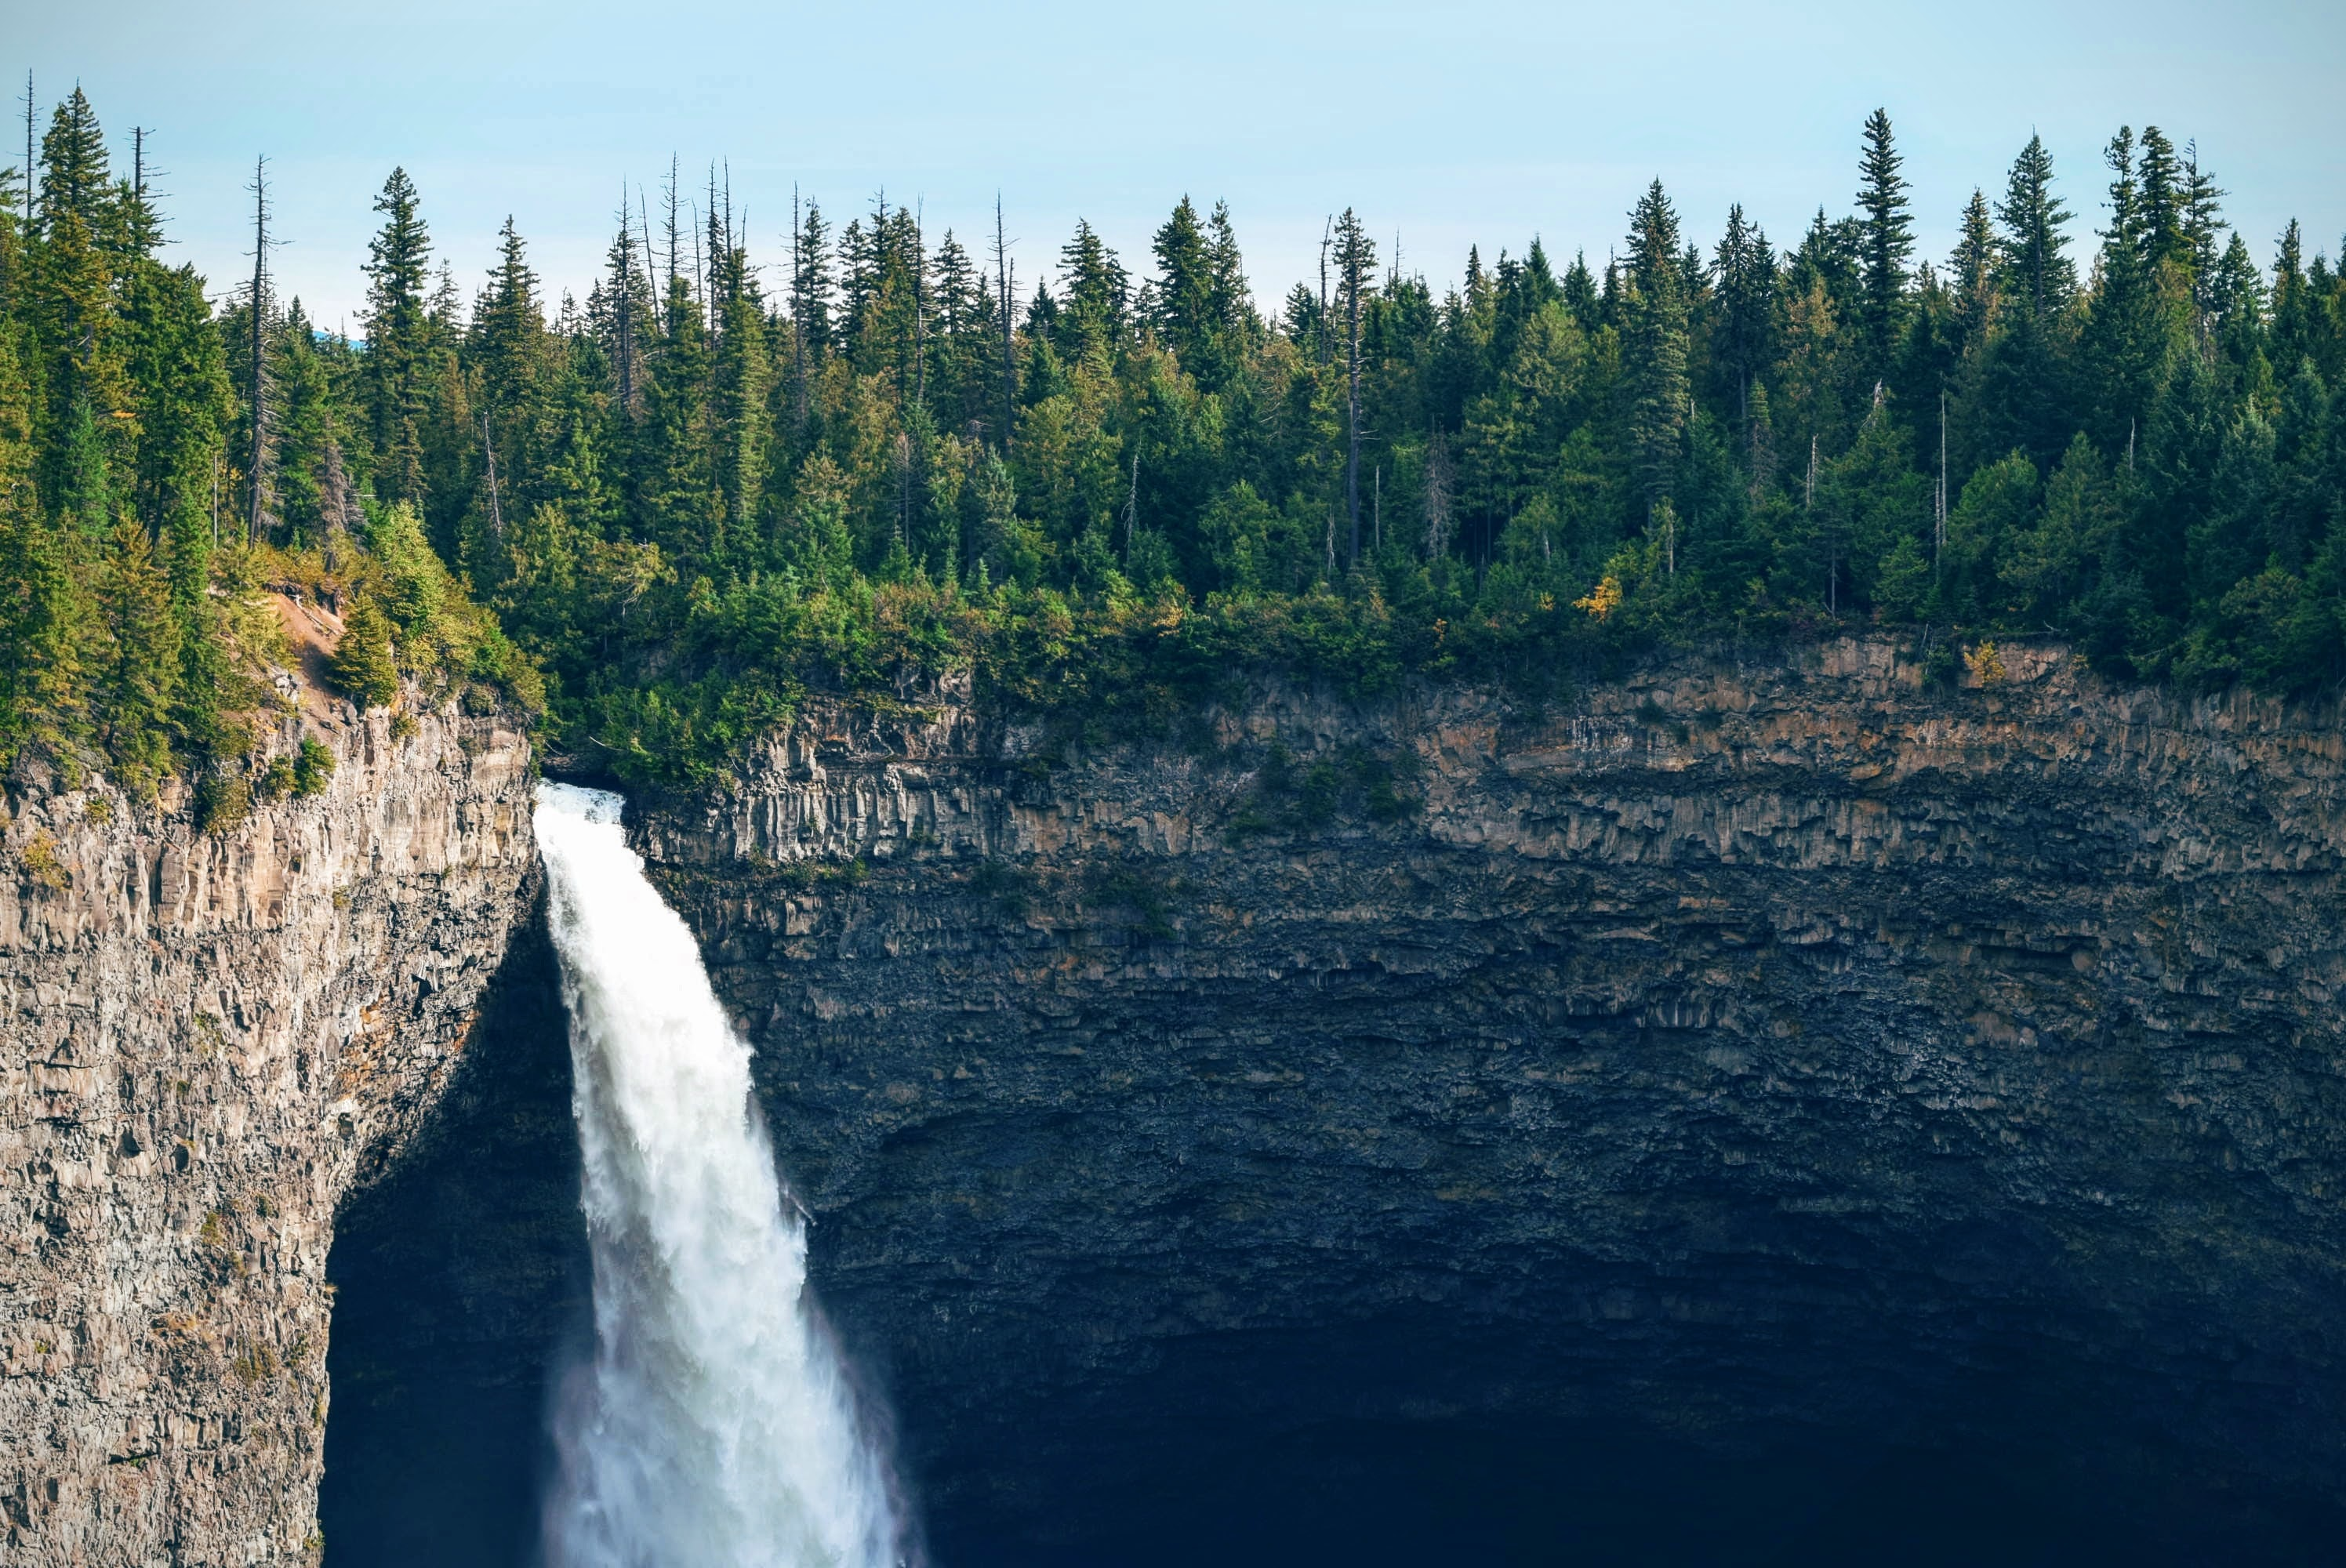 cliff-fir-trees-nature-70219